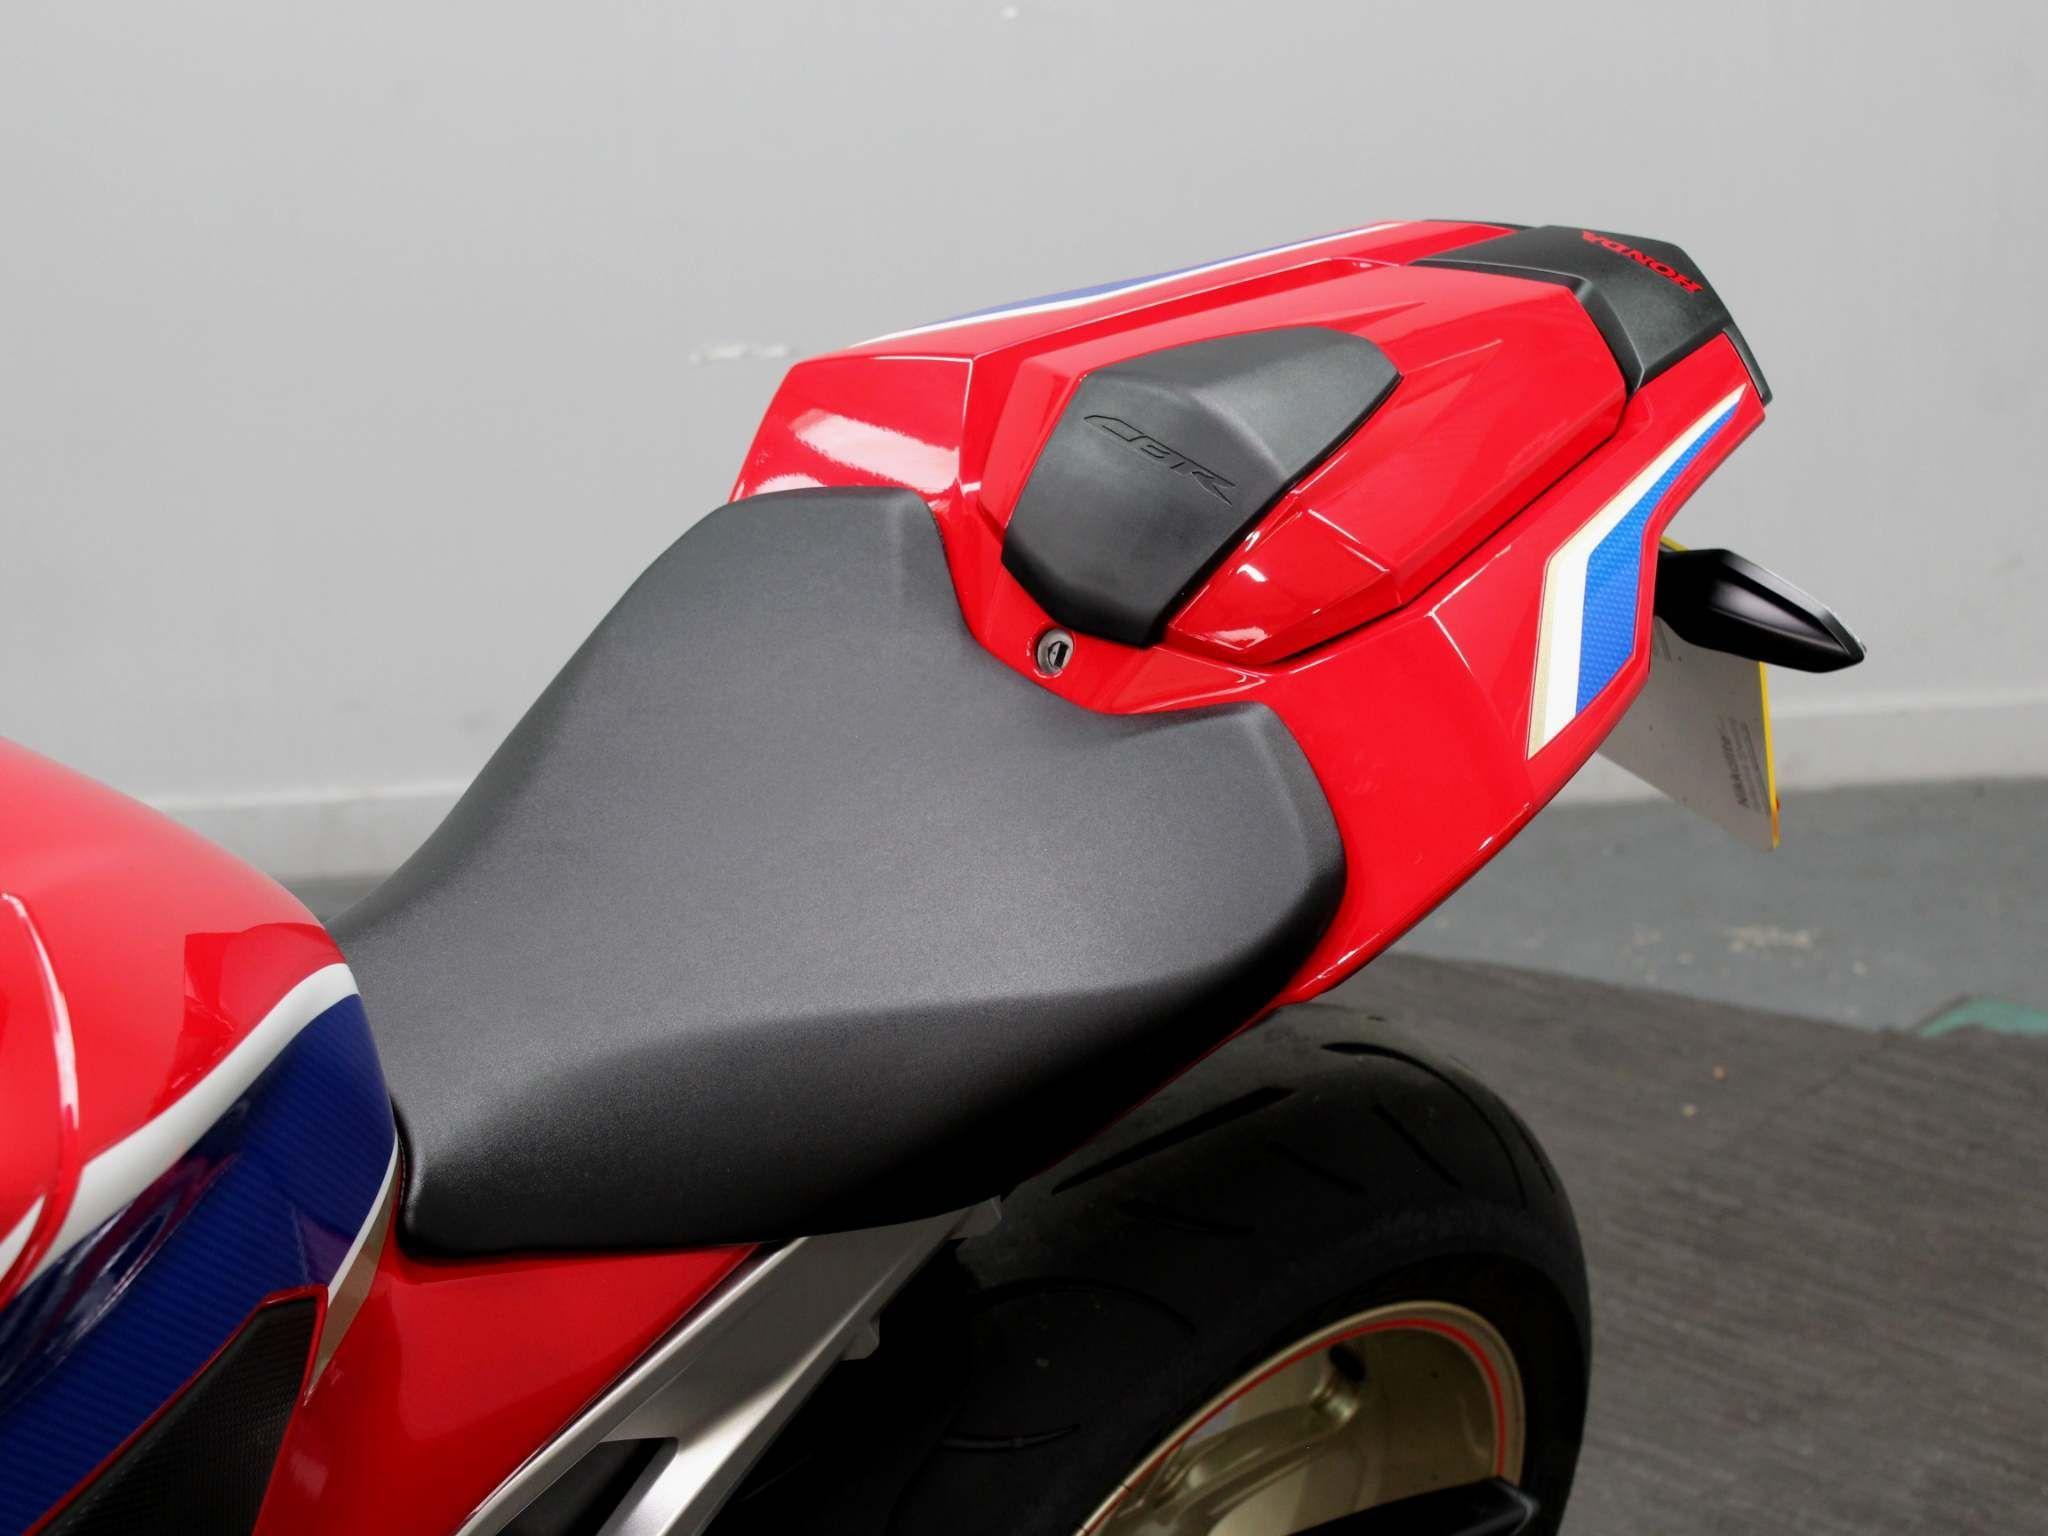 Honda CBR1000RR Fireblade Images